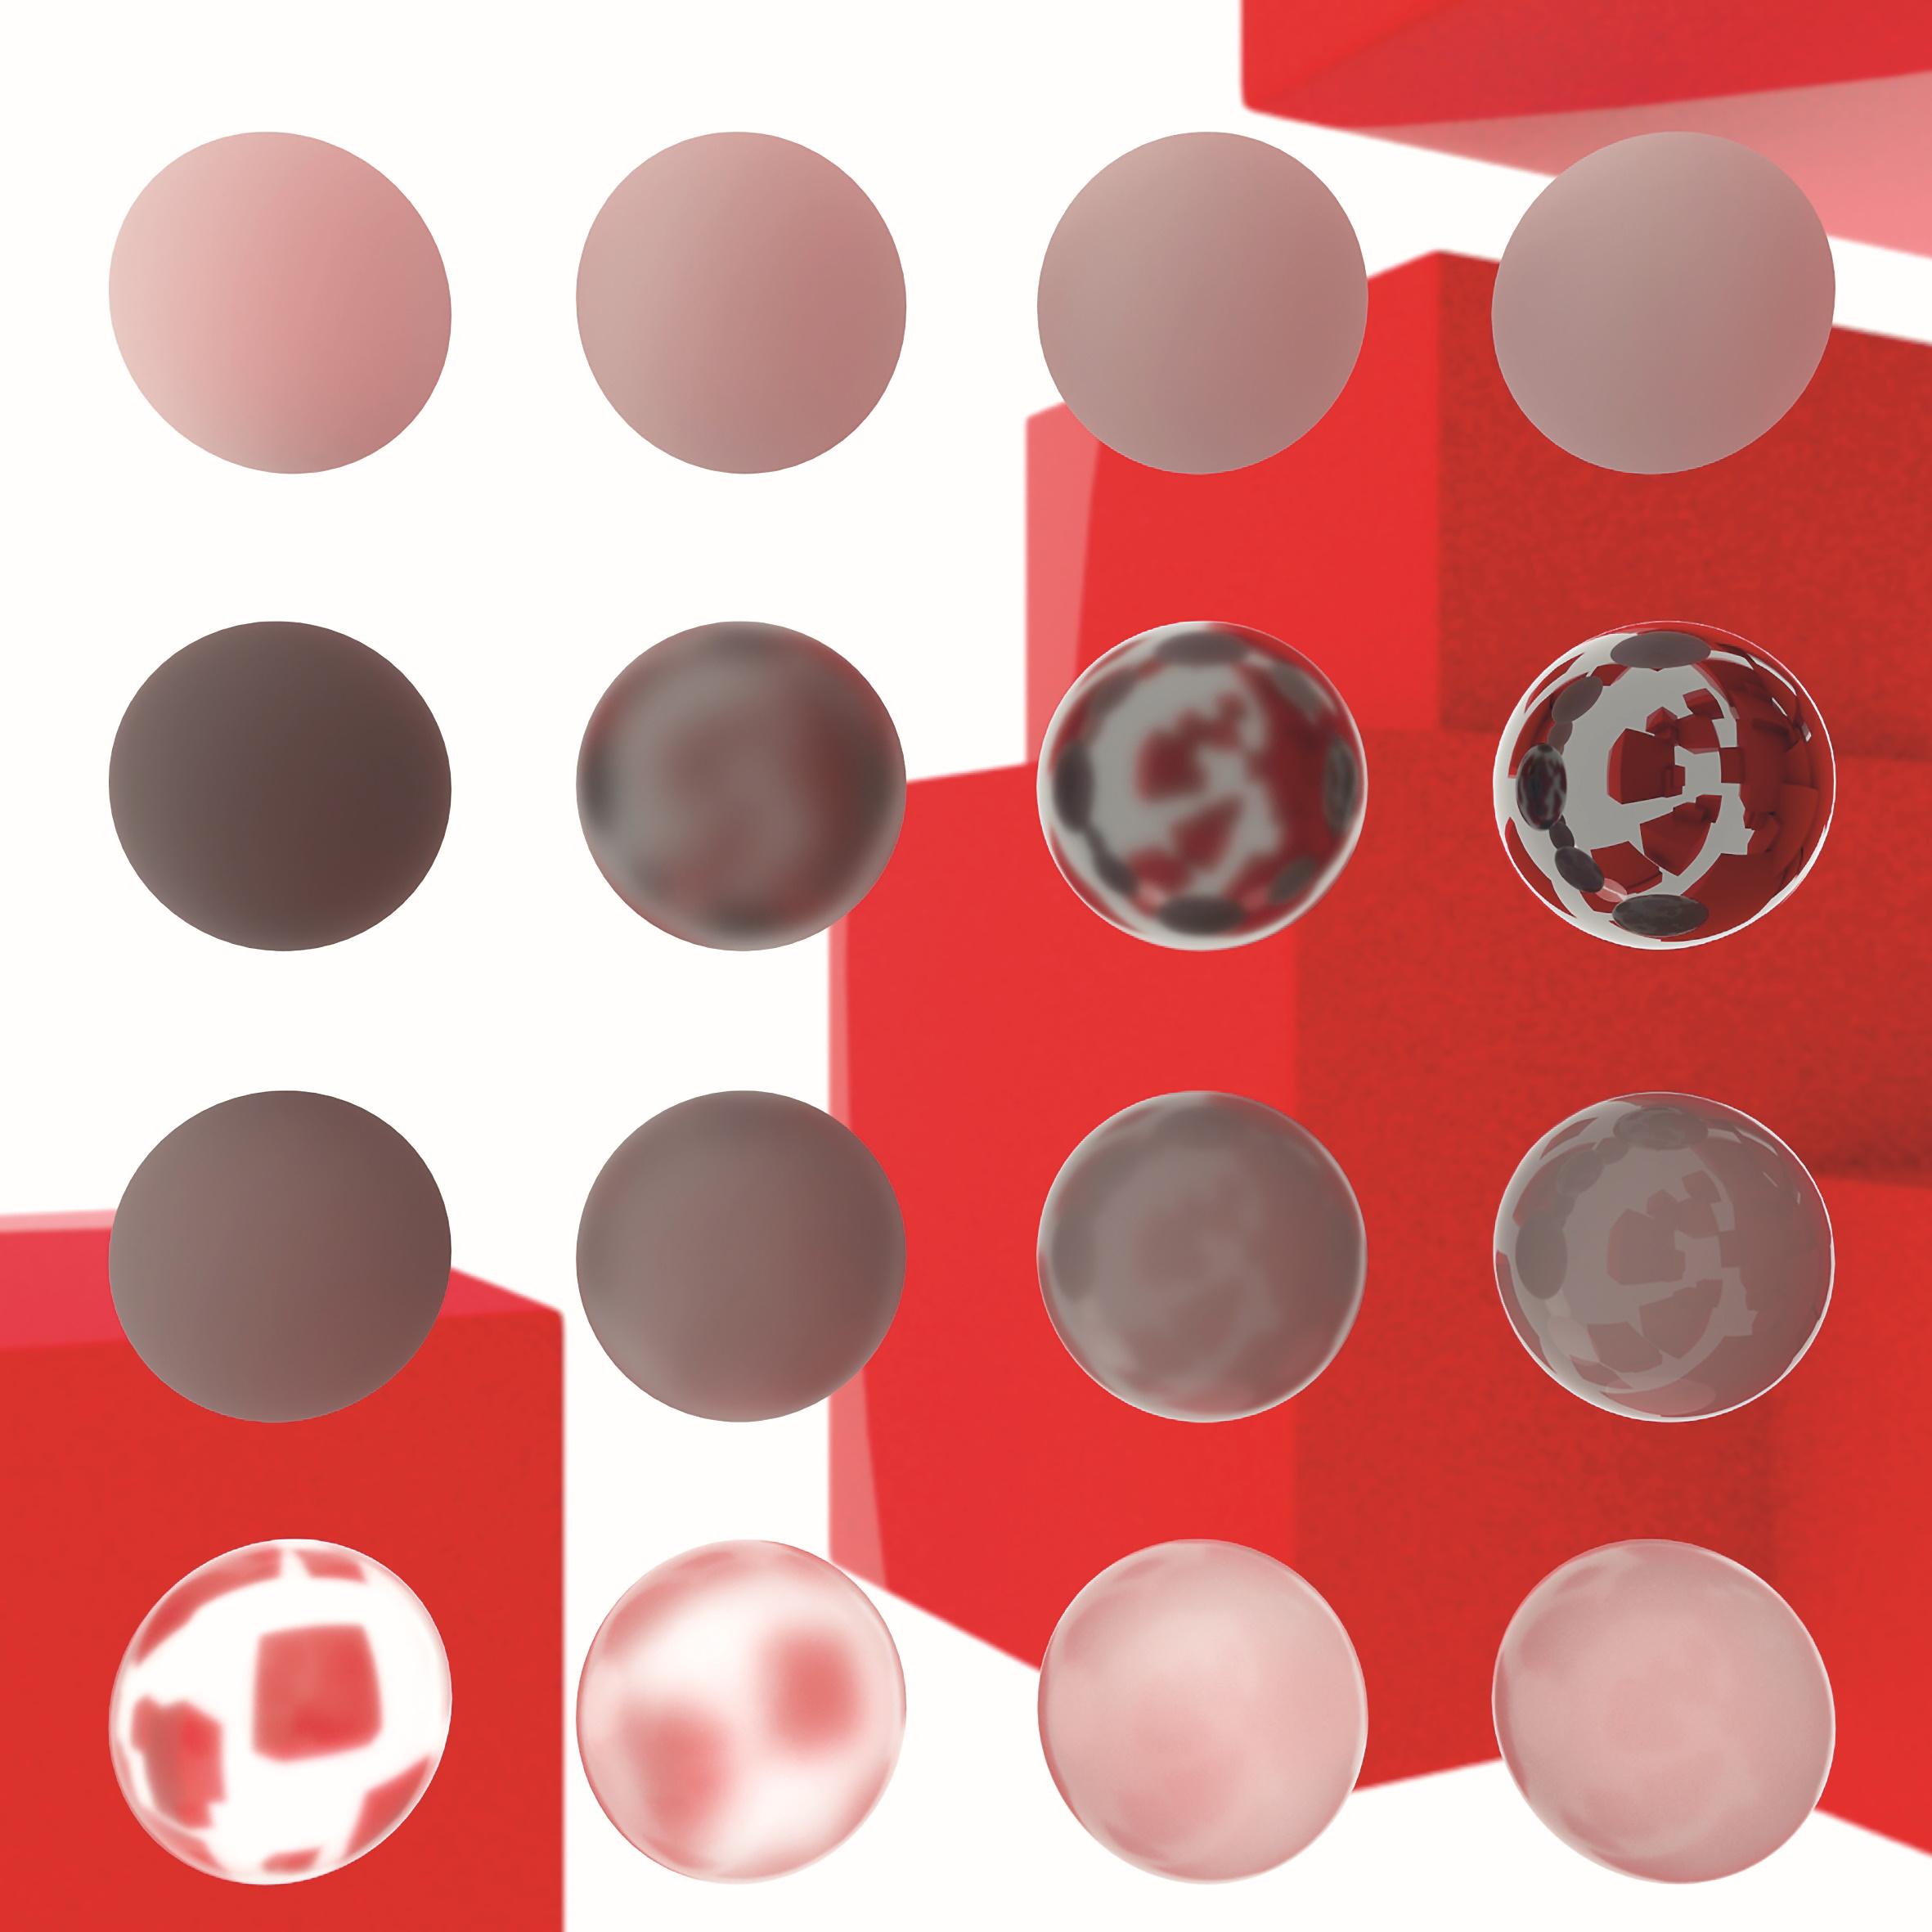 Reihe 1: Diffuse Reflexion mit zunehmender Rauheit Reihe 2: Metallische Reflexion mit abnehmender Rauheit Reihe 3: Nichtleiter mit abnehmender Rauheit Reihe 4: Solides Glas mit zunehmender Rauheit in der Strahlenverteilung (Scattering)